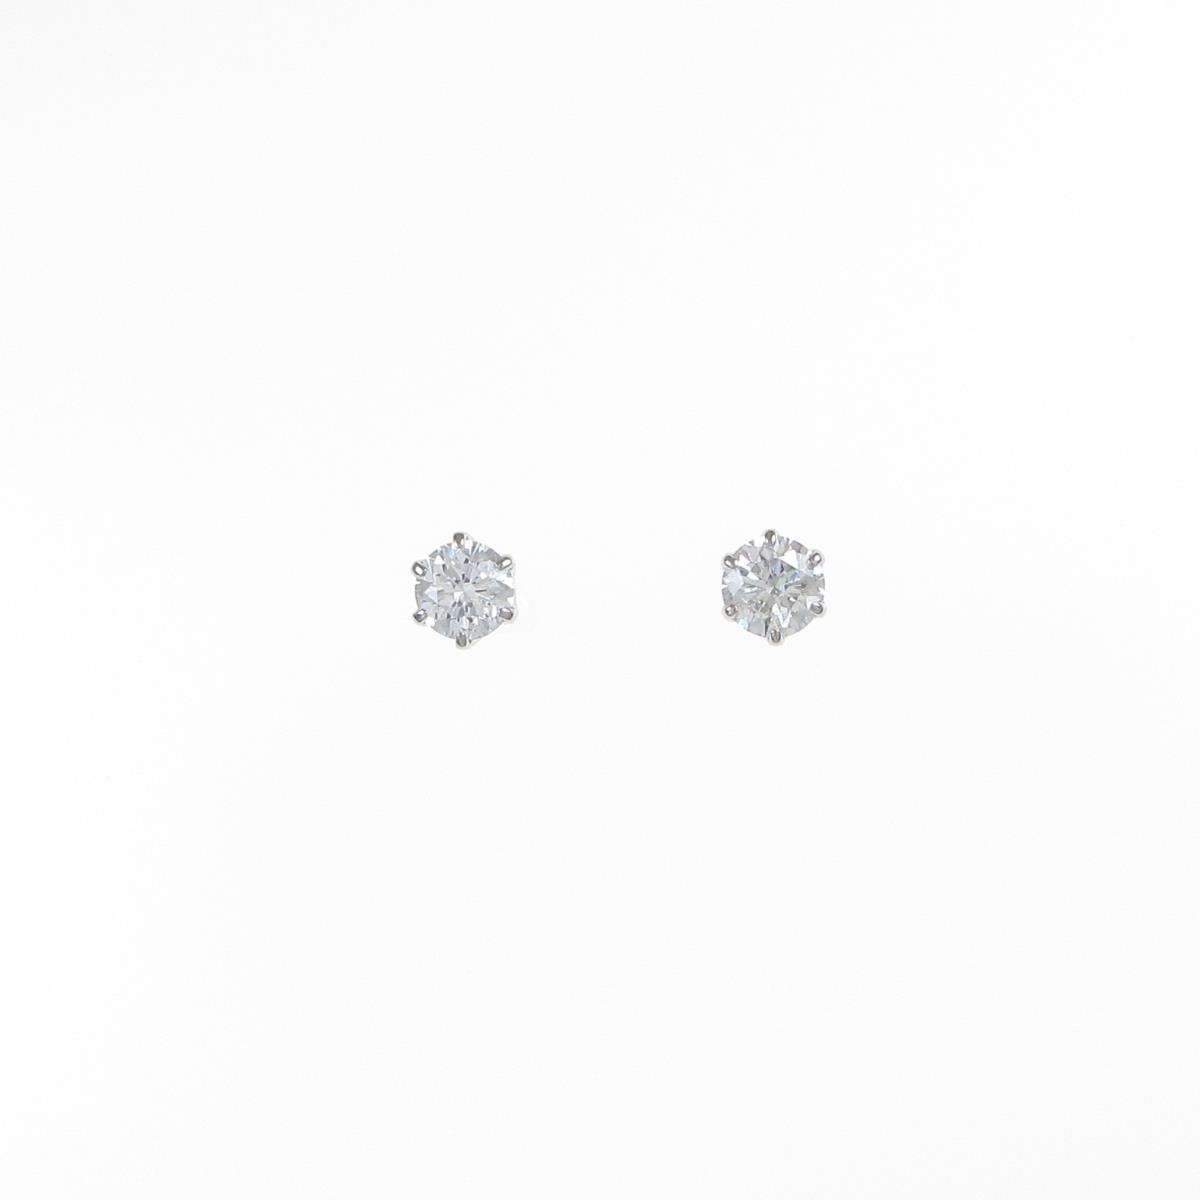 プラチナダイヤモンドピアス 0.242ct・0.265ct・F-I・SI2・VG-F【中古】